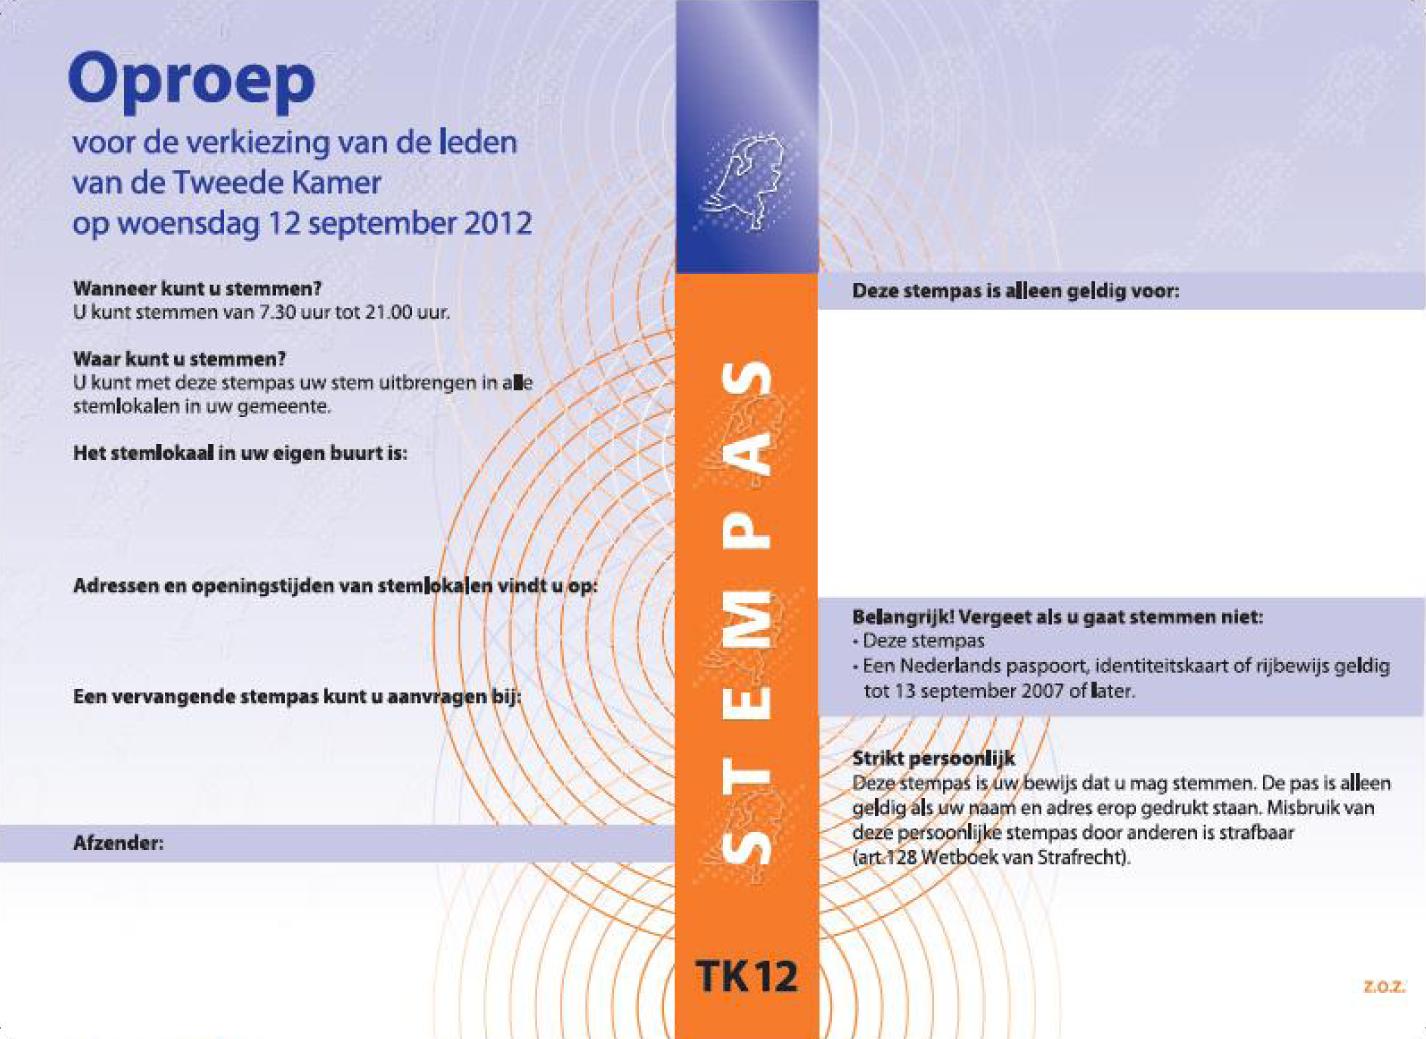 Regeling van de minister van binnenlandse zaken en koninkrijksrelaties van 7 juni 2012 nr 2012 - Voorbeeld van de kamer ...